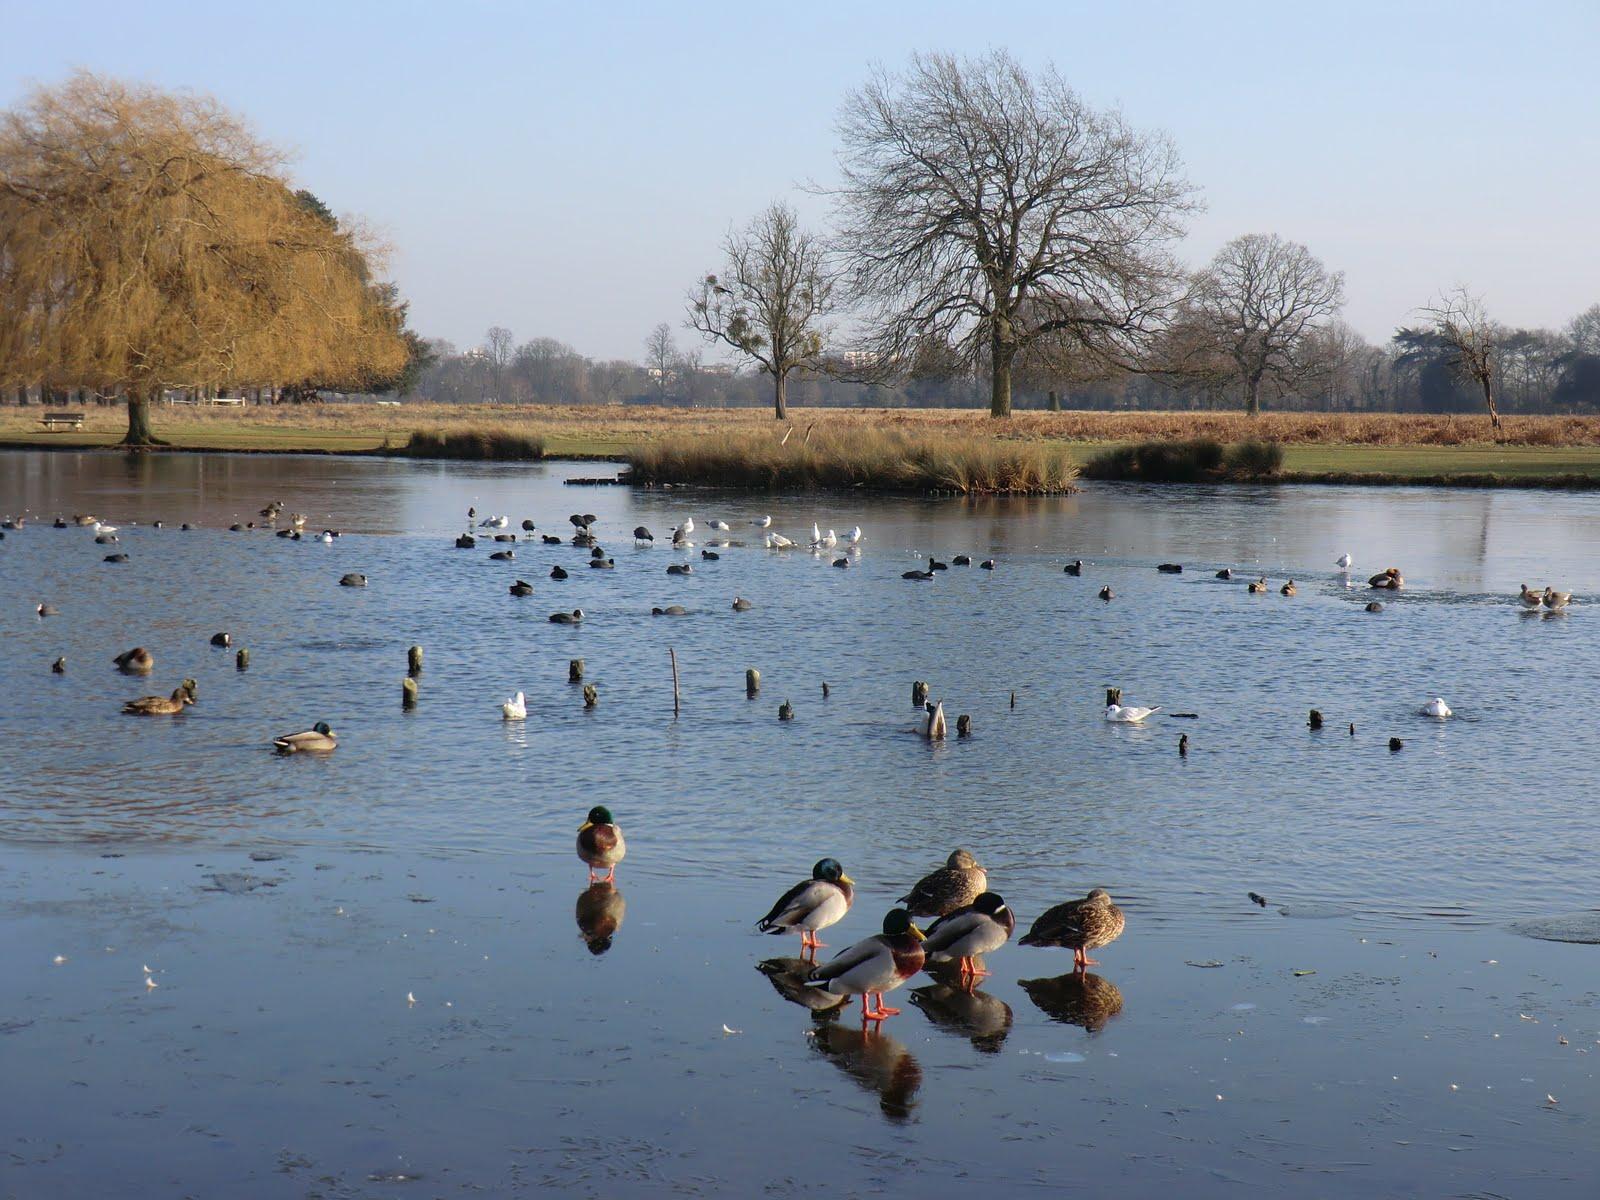 CIMG6459 Heron Pond, Bushy Park